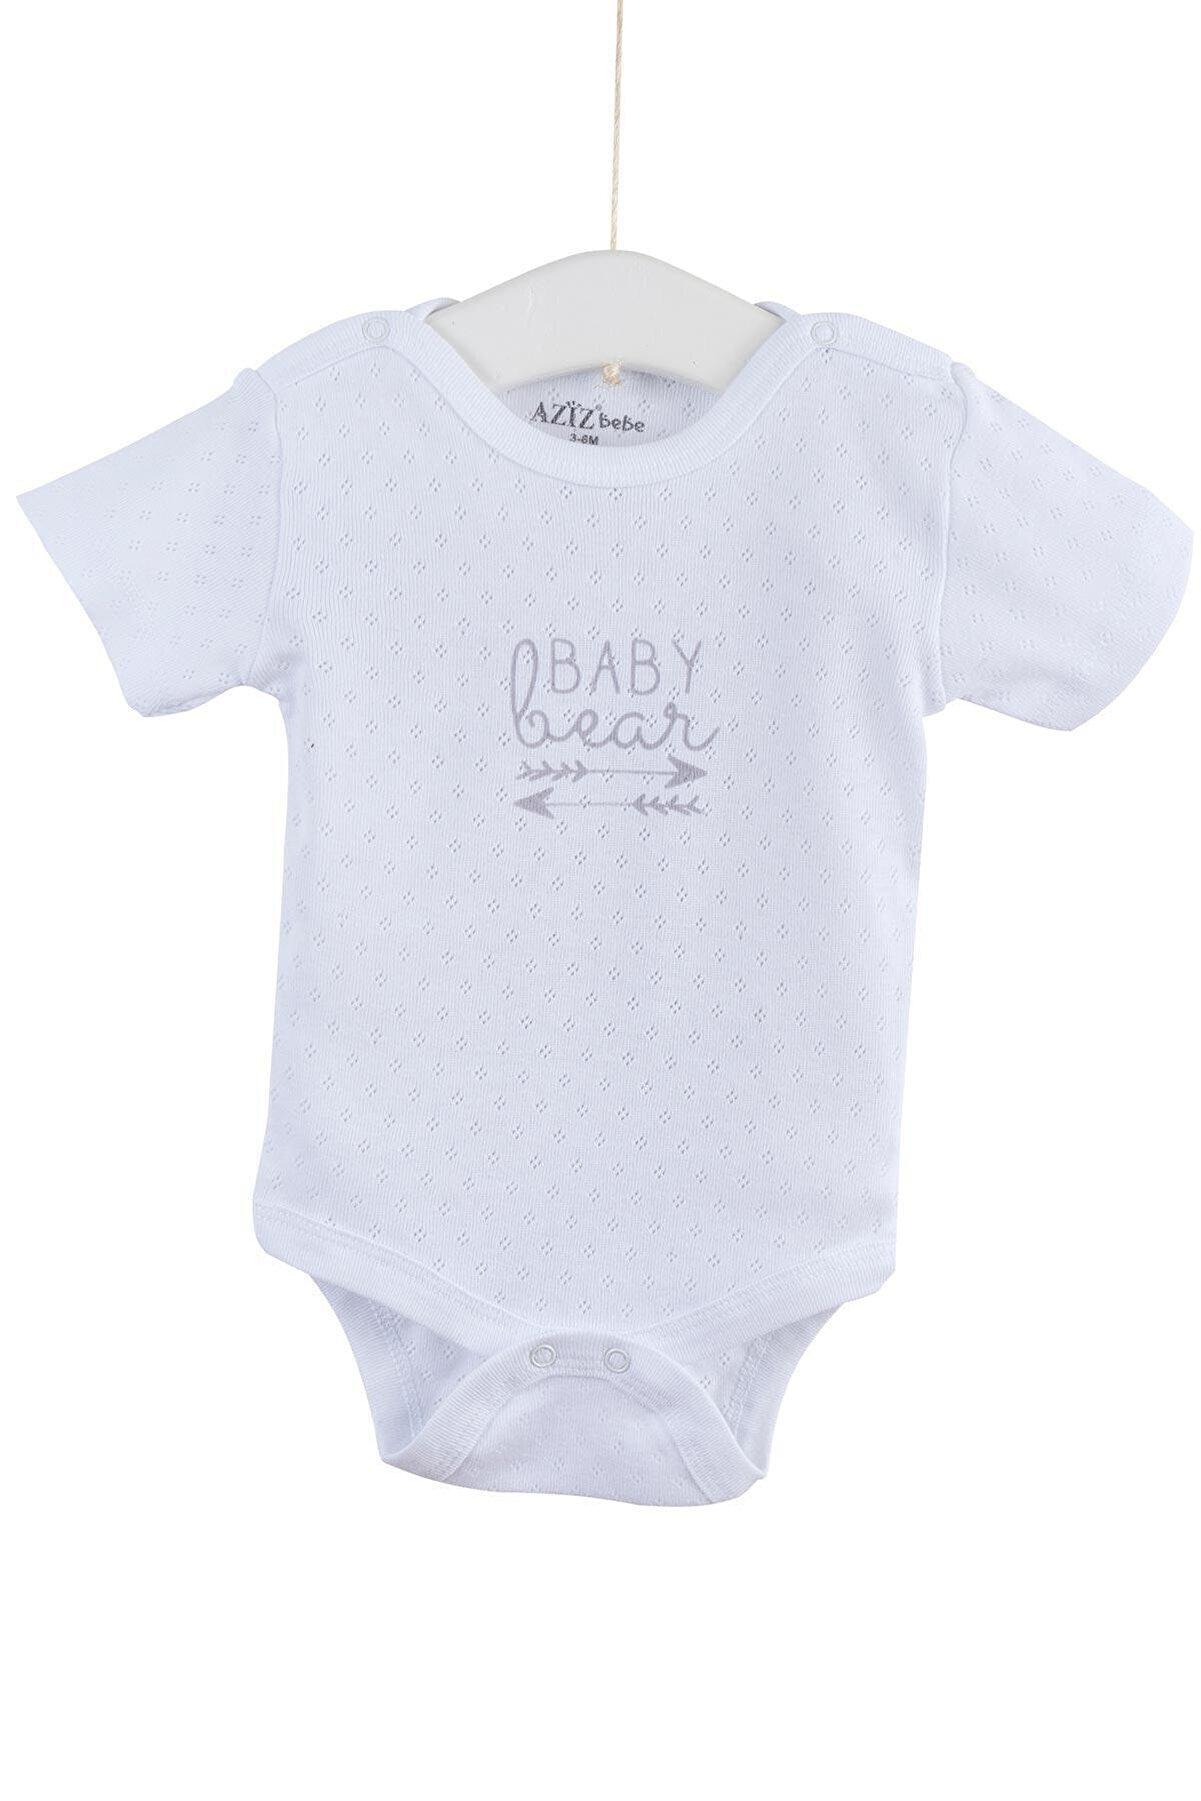 Aziz Bebe Kız Bebek Delikli Çıtçıtlı Body 0-12 Ay Azz001716